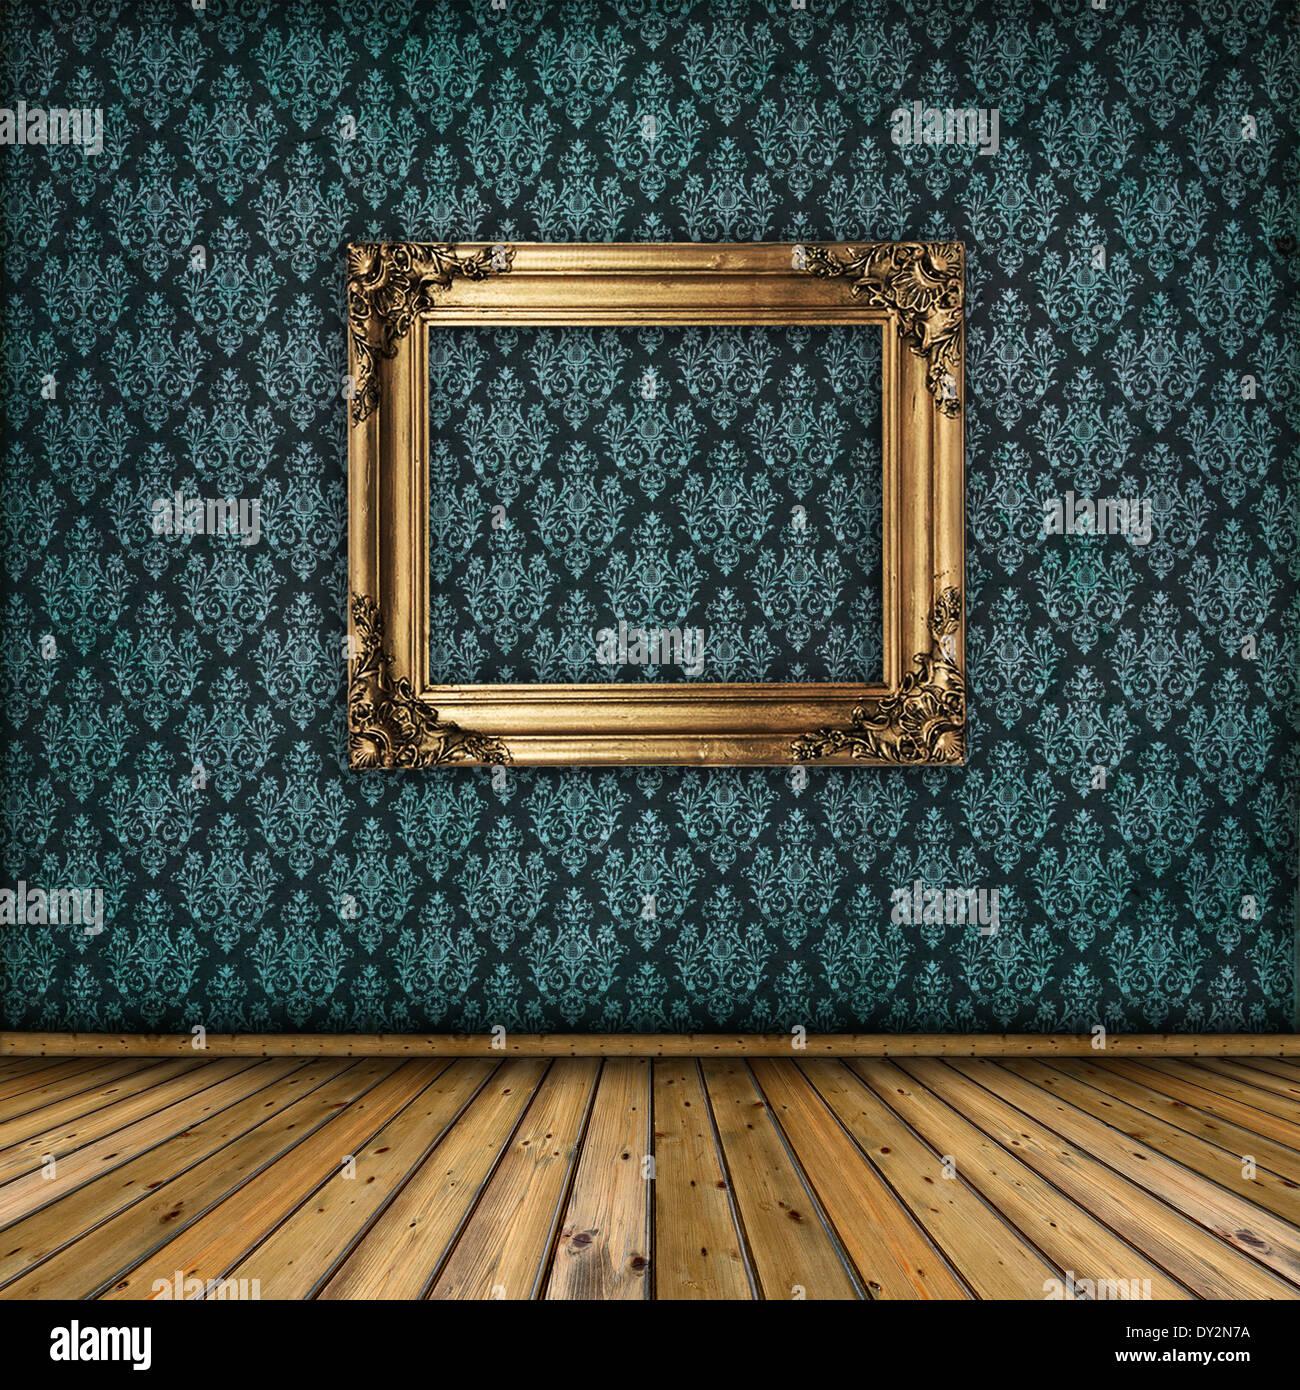 Innenraum mit goldenen Rahmen an der Wand. Vintage Tapete, Holzboden ...